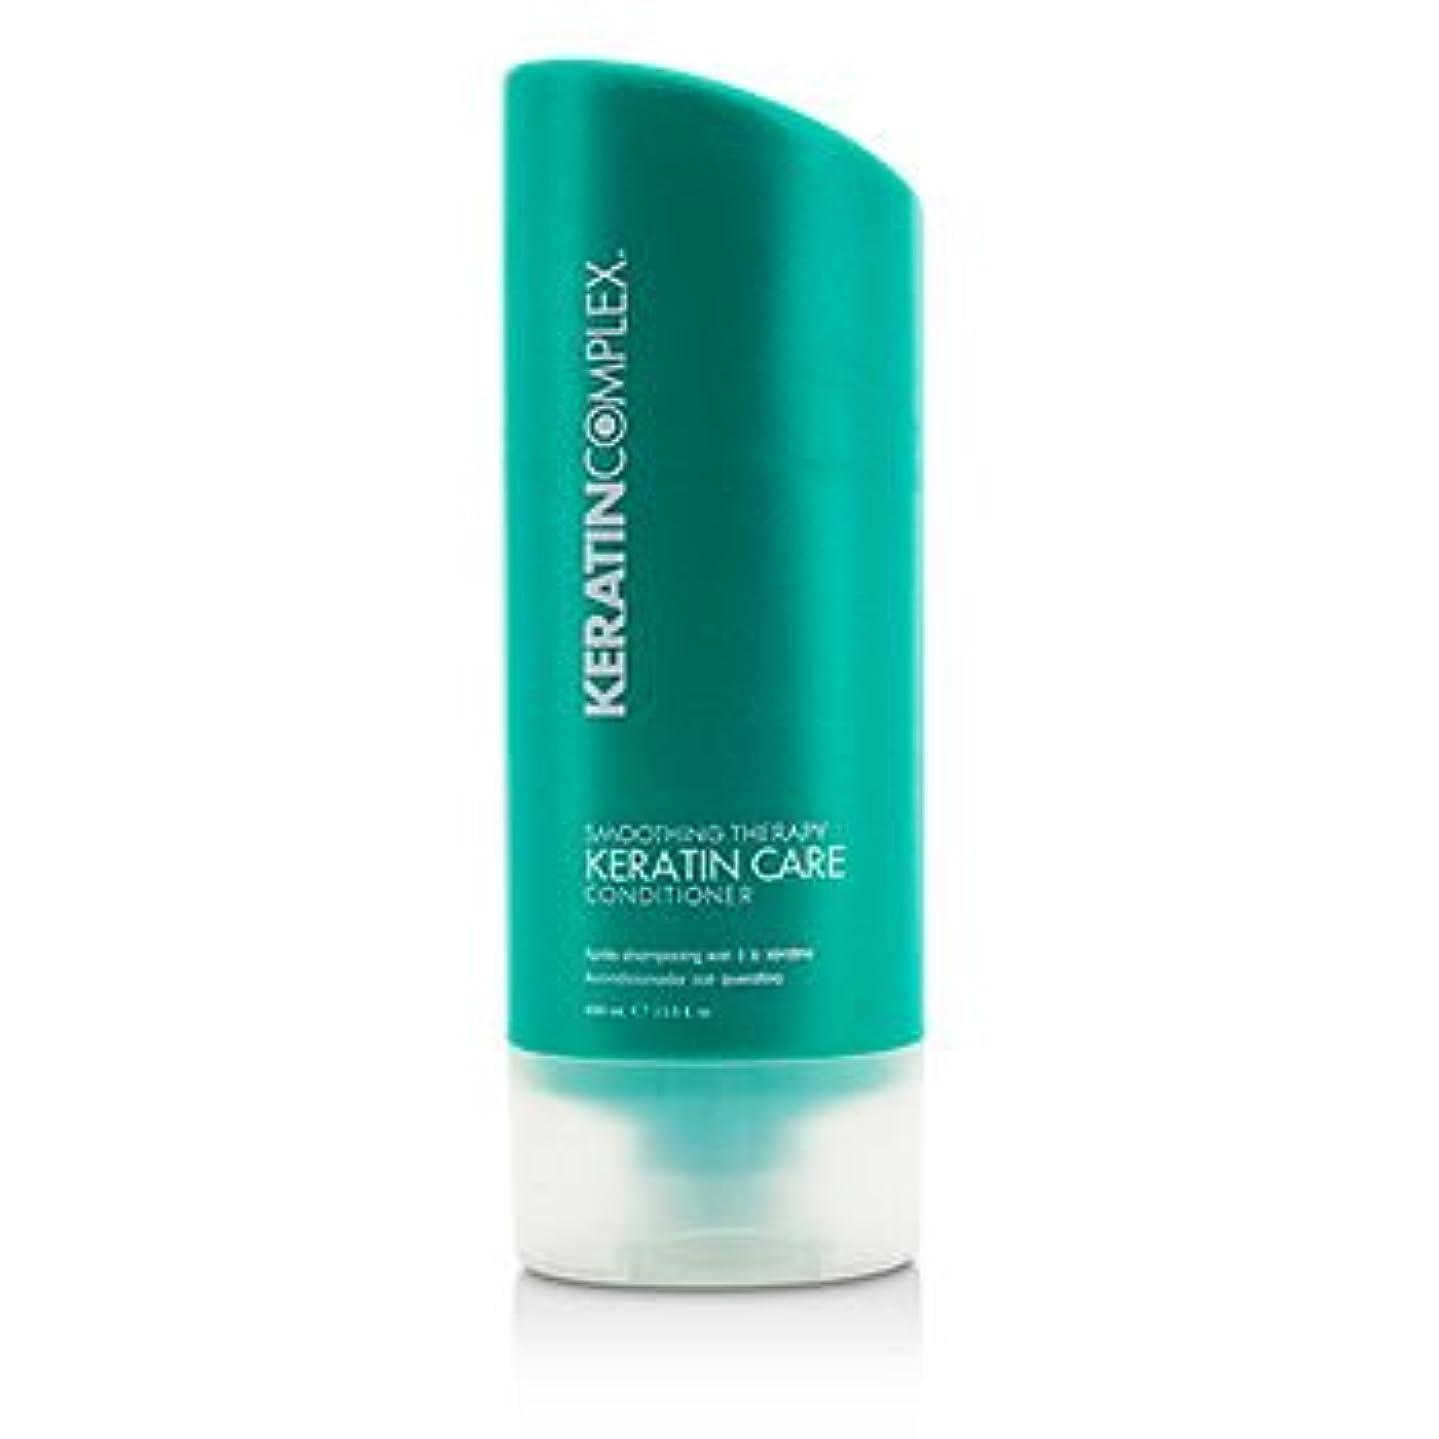 タール実際に申請者[Keratin Complex] Smoothing Therapy Keratin Care Conditioner (For All Hair Types) 400ml/13.5oz